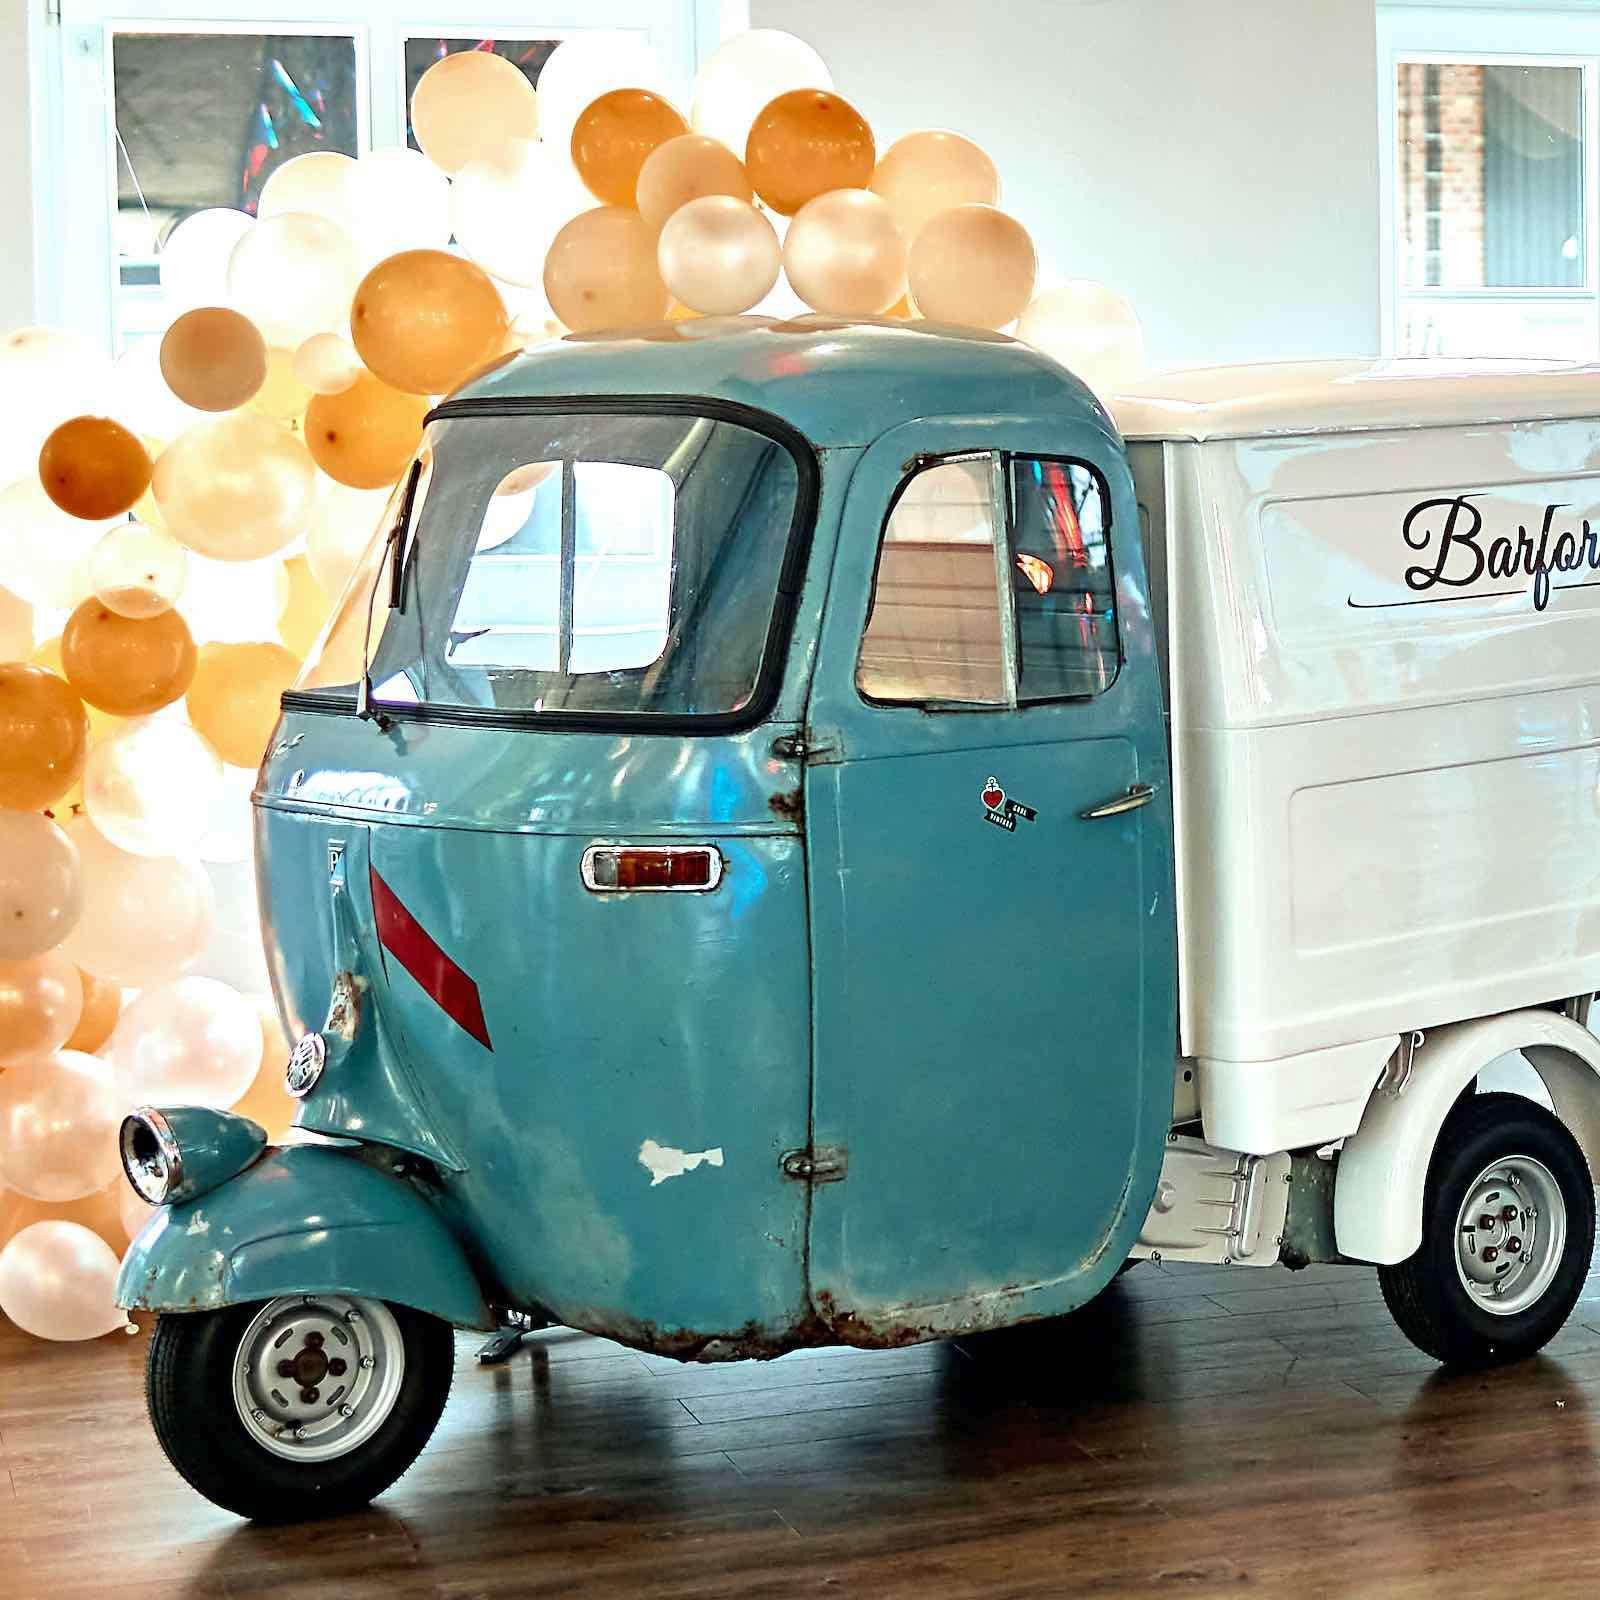 Hochzeitsauto | Oldtimer | Hochzeit | Auto | Hochzeit | Brautwagen | Brautauto | Vespa | Ape | Farro | Basso | Event | Fahrzeuge | Mieten | Buchen | Anfragen | Hannover